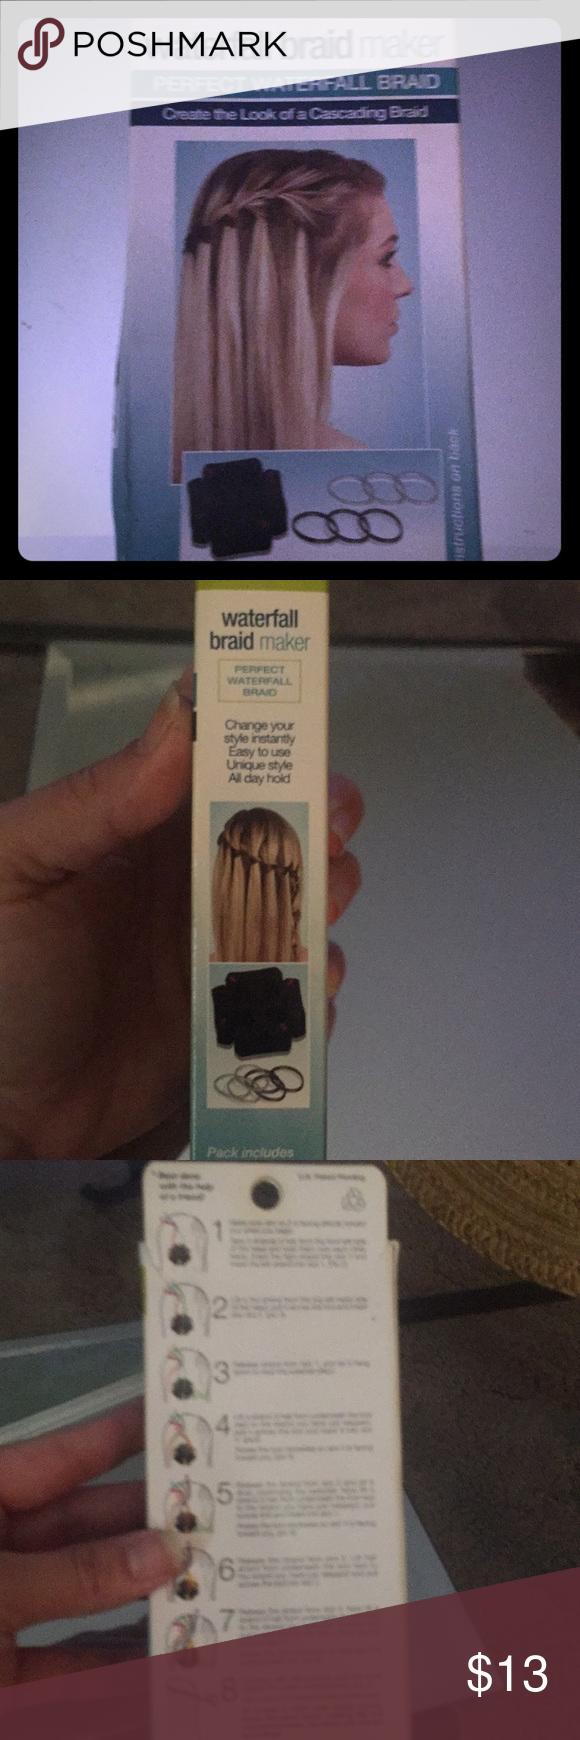 Waterfall braid maker 4 beautiful waterfall braids Waterfall braid maker comes w…